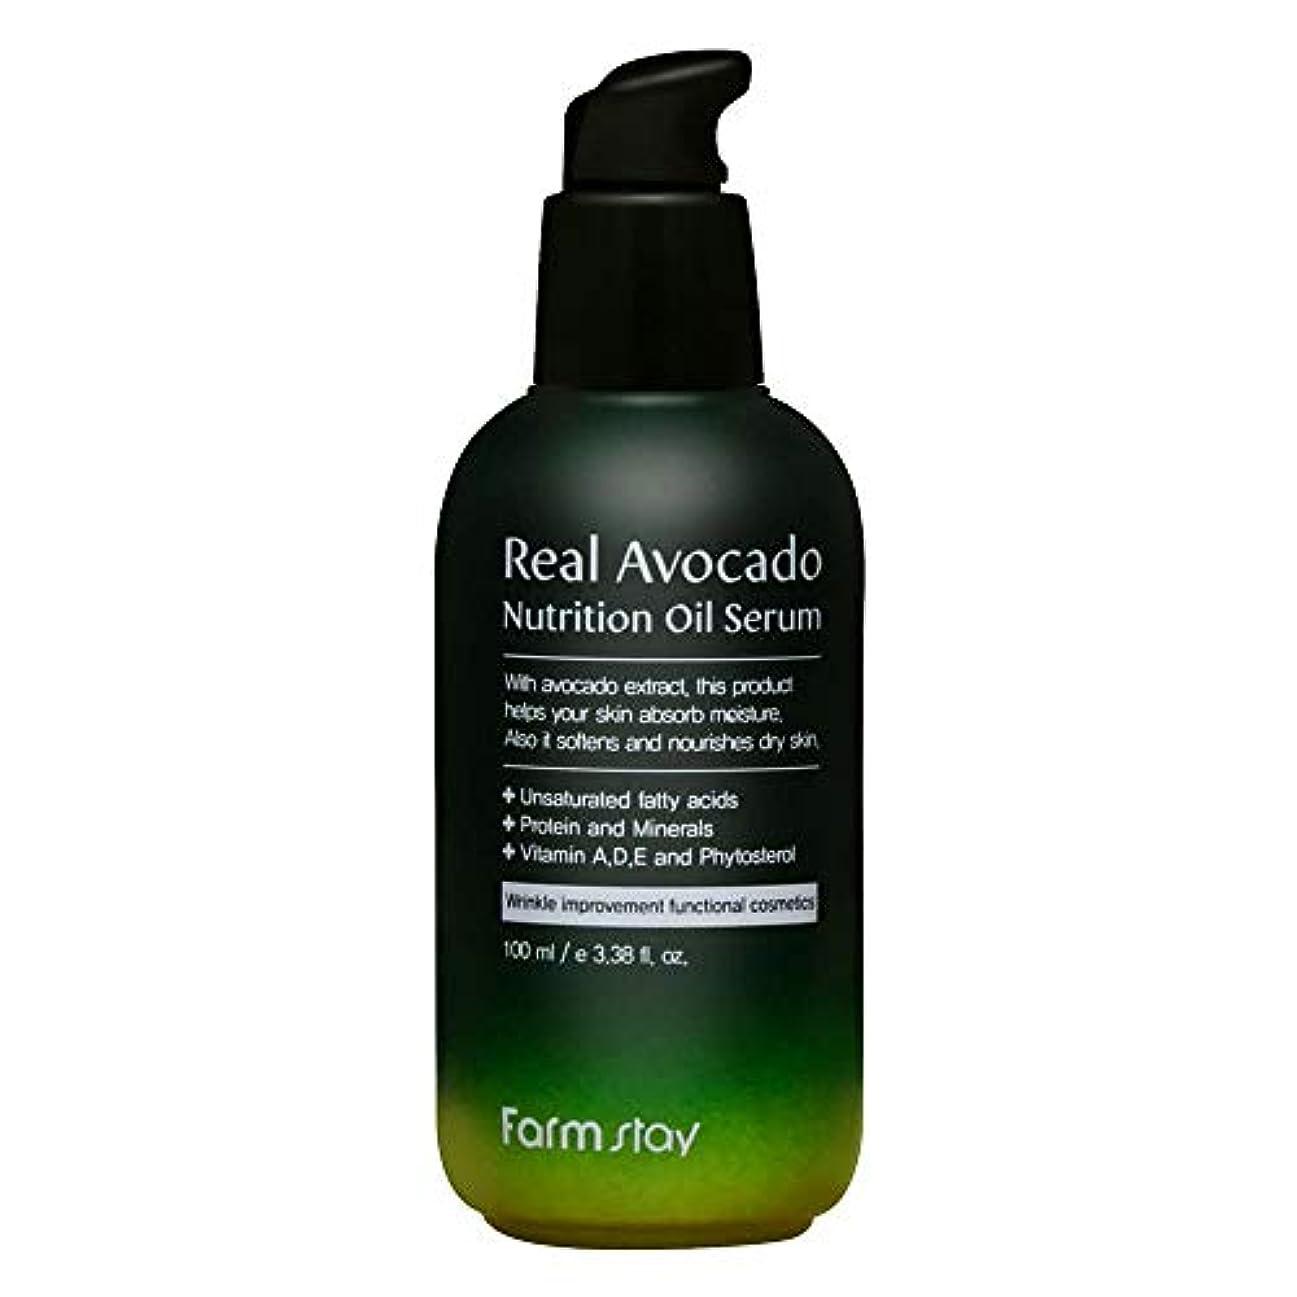 タッチ貧困真っ逆さまファームステイ[Farm Stay] 本物のアボカド栄養オイルセラム 100ml / Real Avocado Nutrition Oil Serum